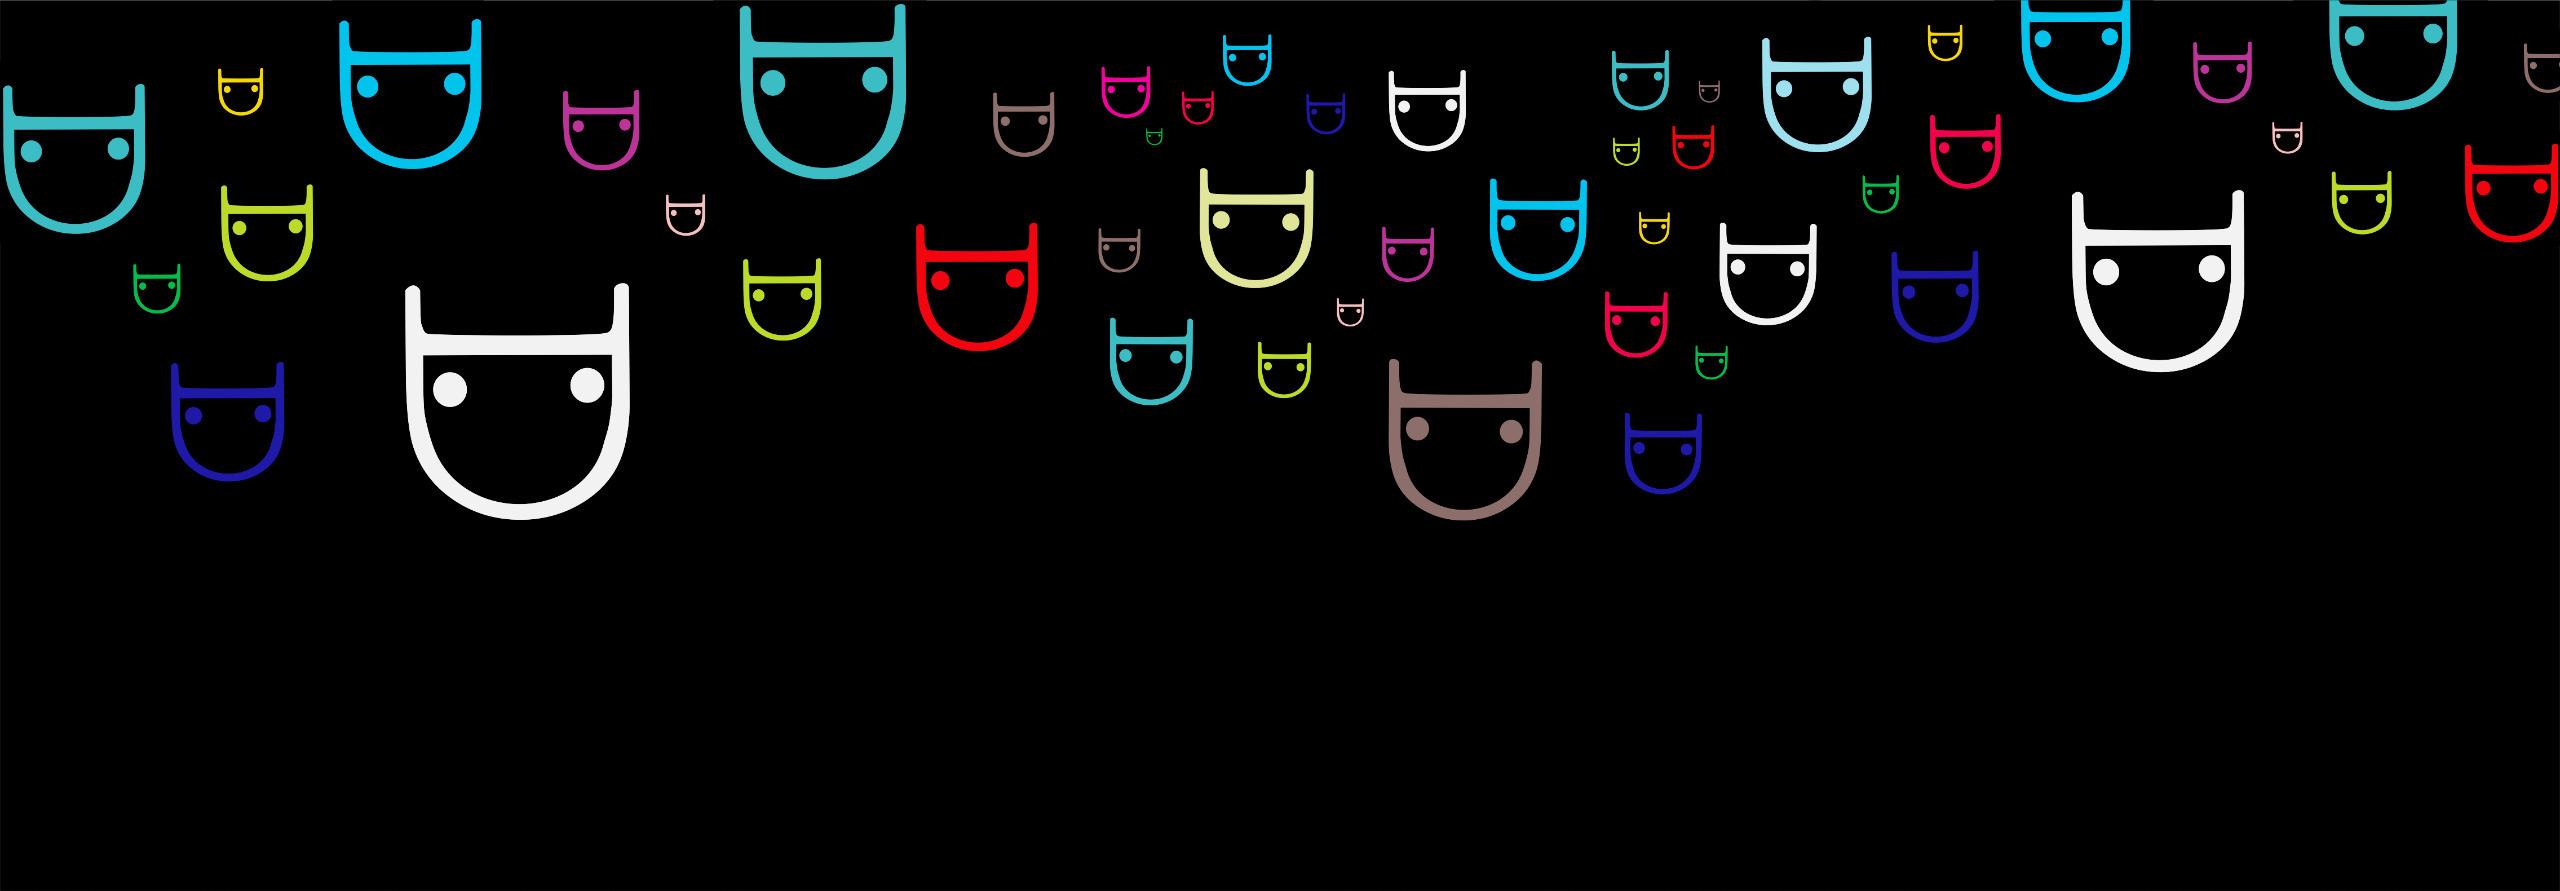 Dergam (@denner_gama) Cover Image